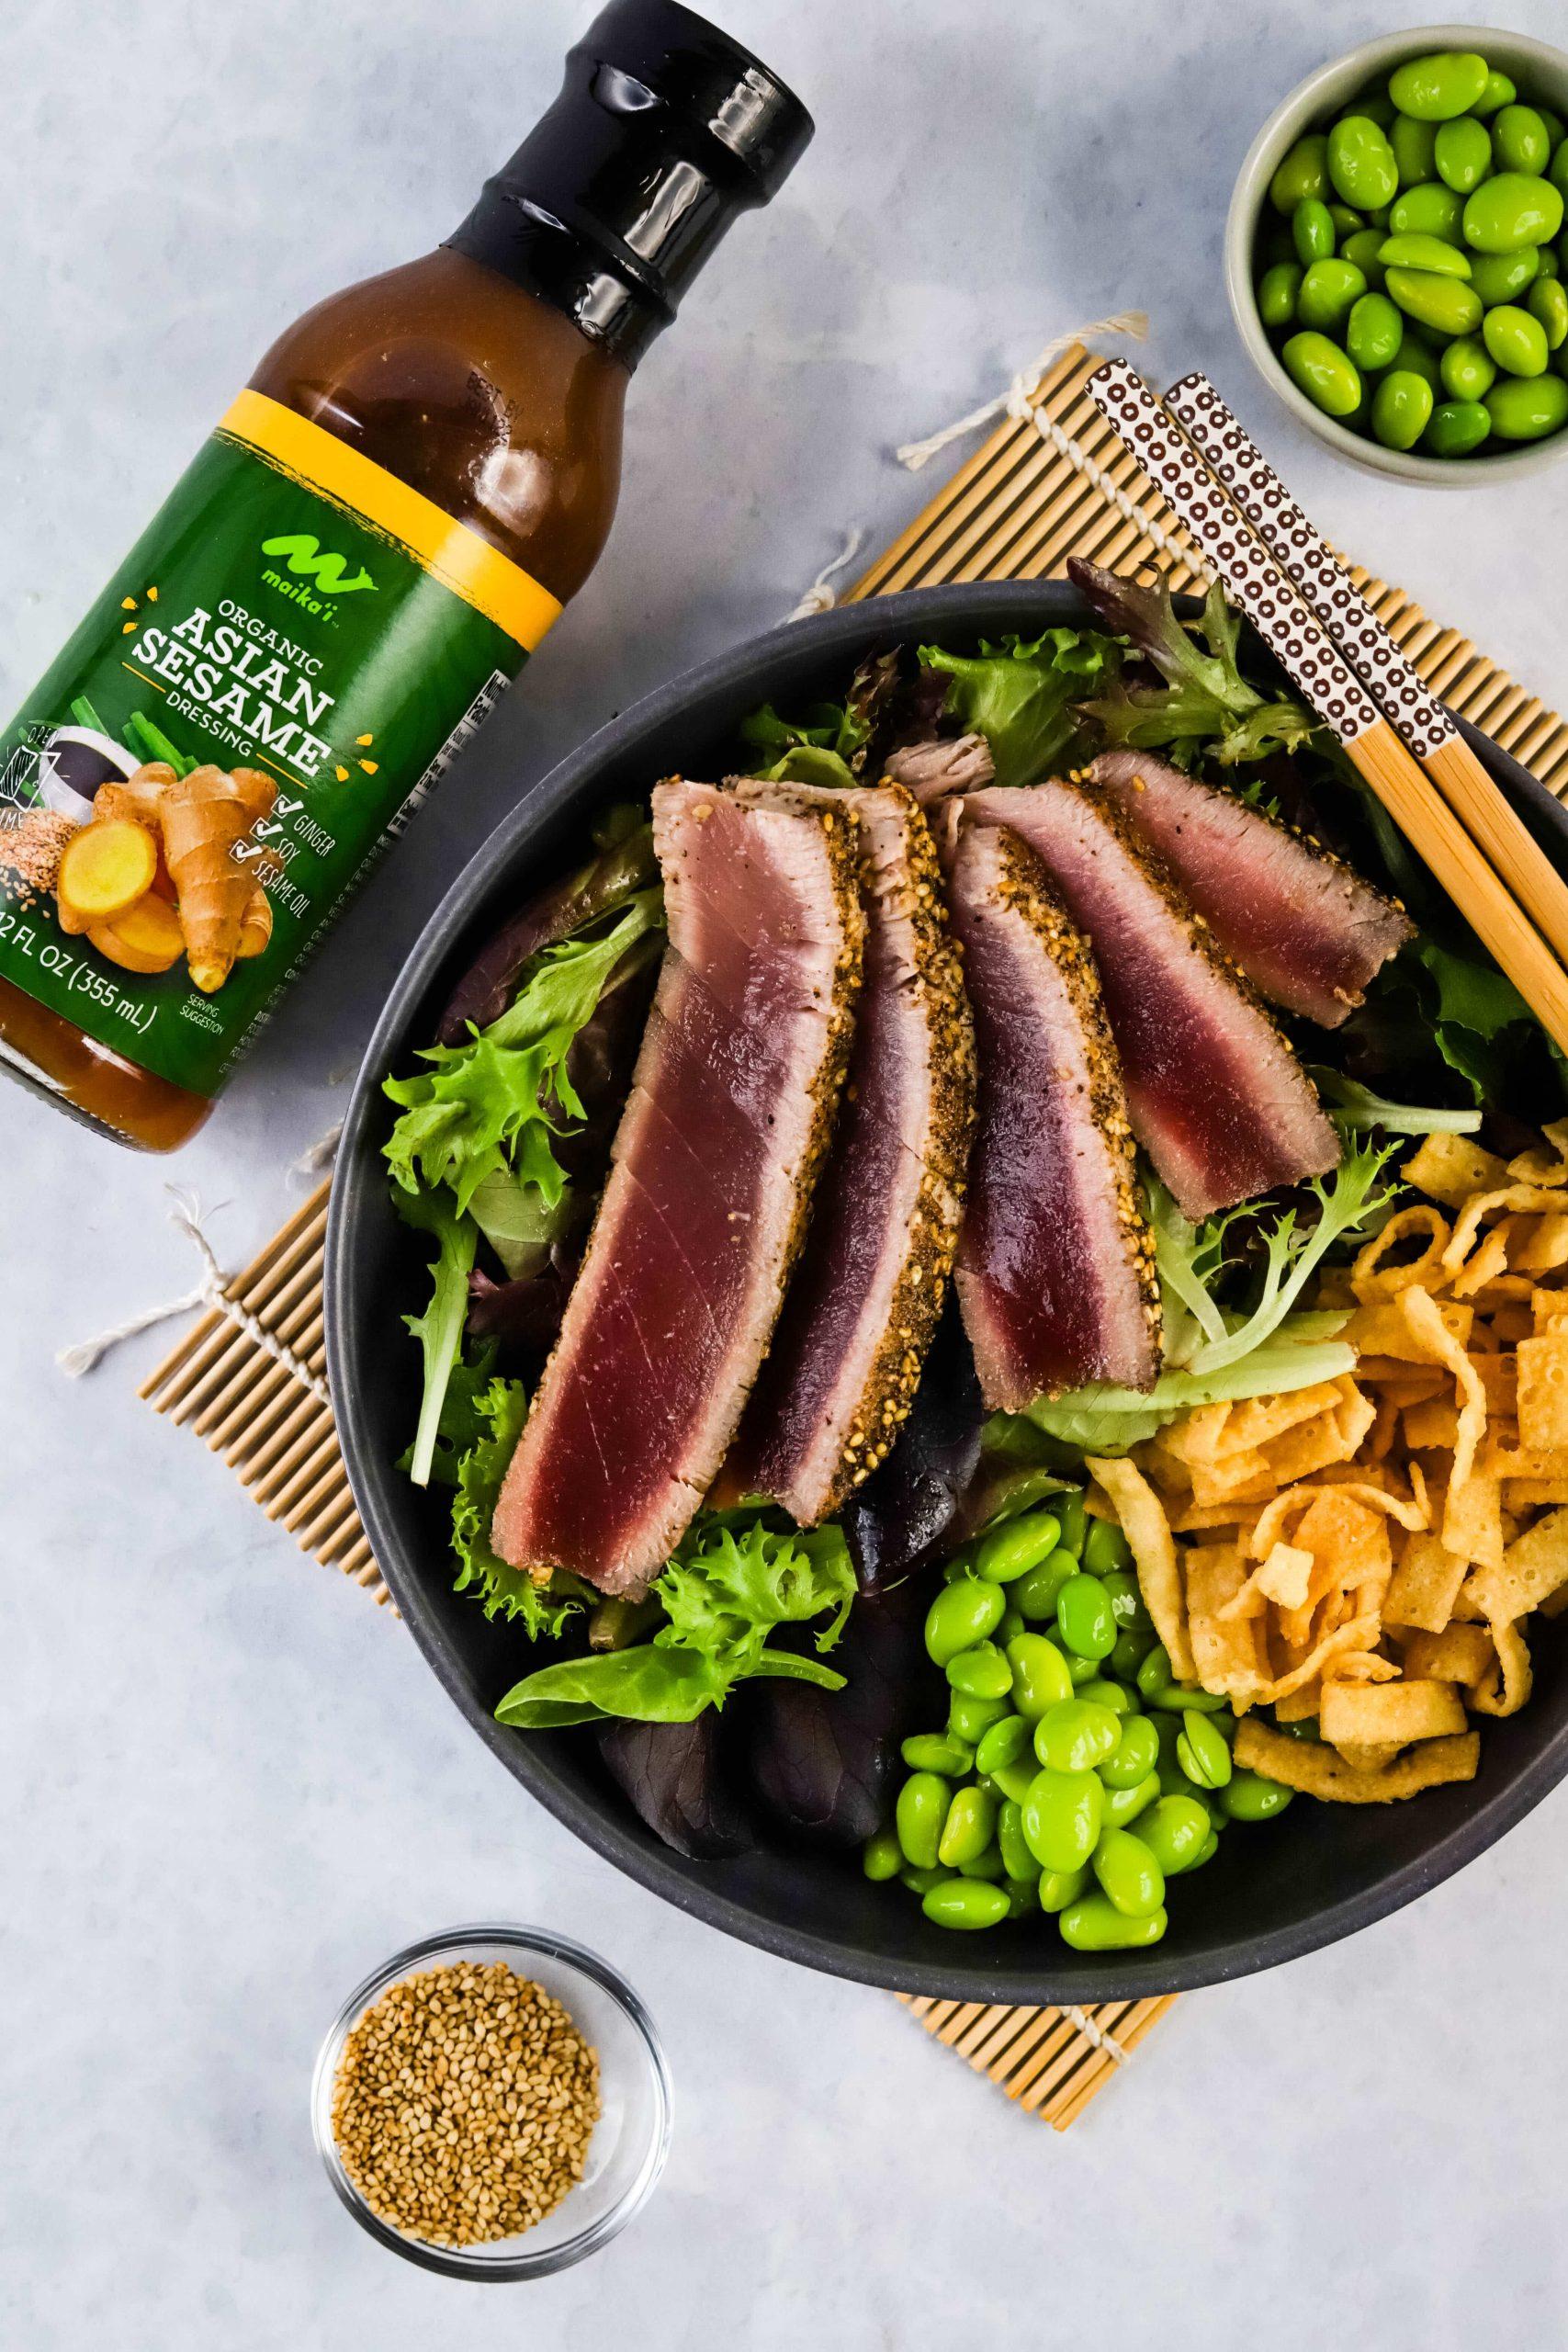 seared ahi salad on a black plate